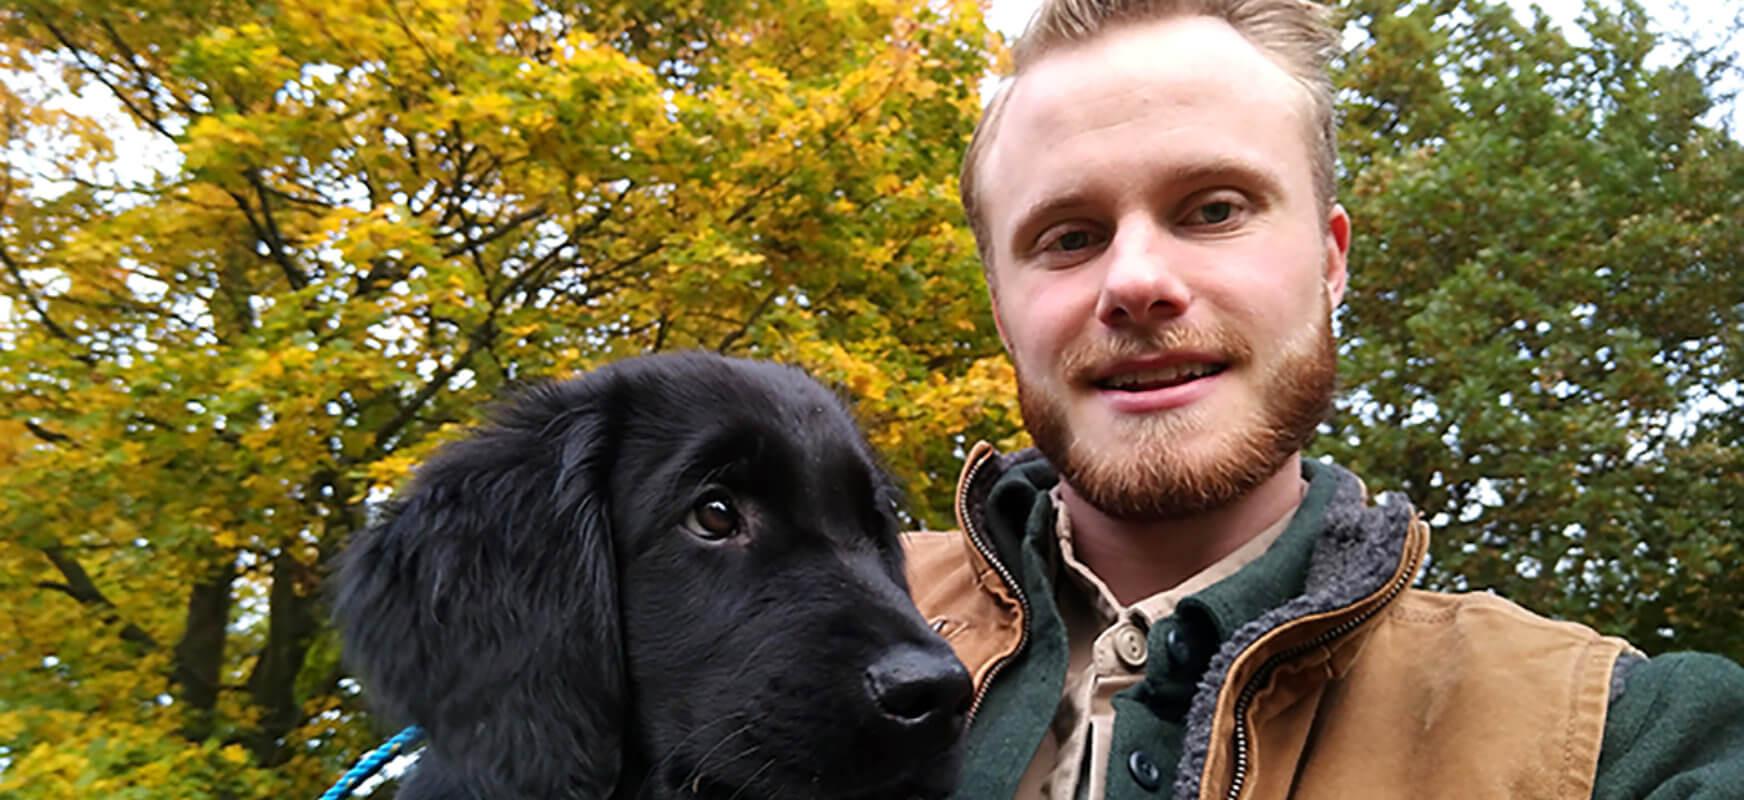 Jakob Gelberg med en svart hundvalp